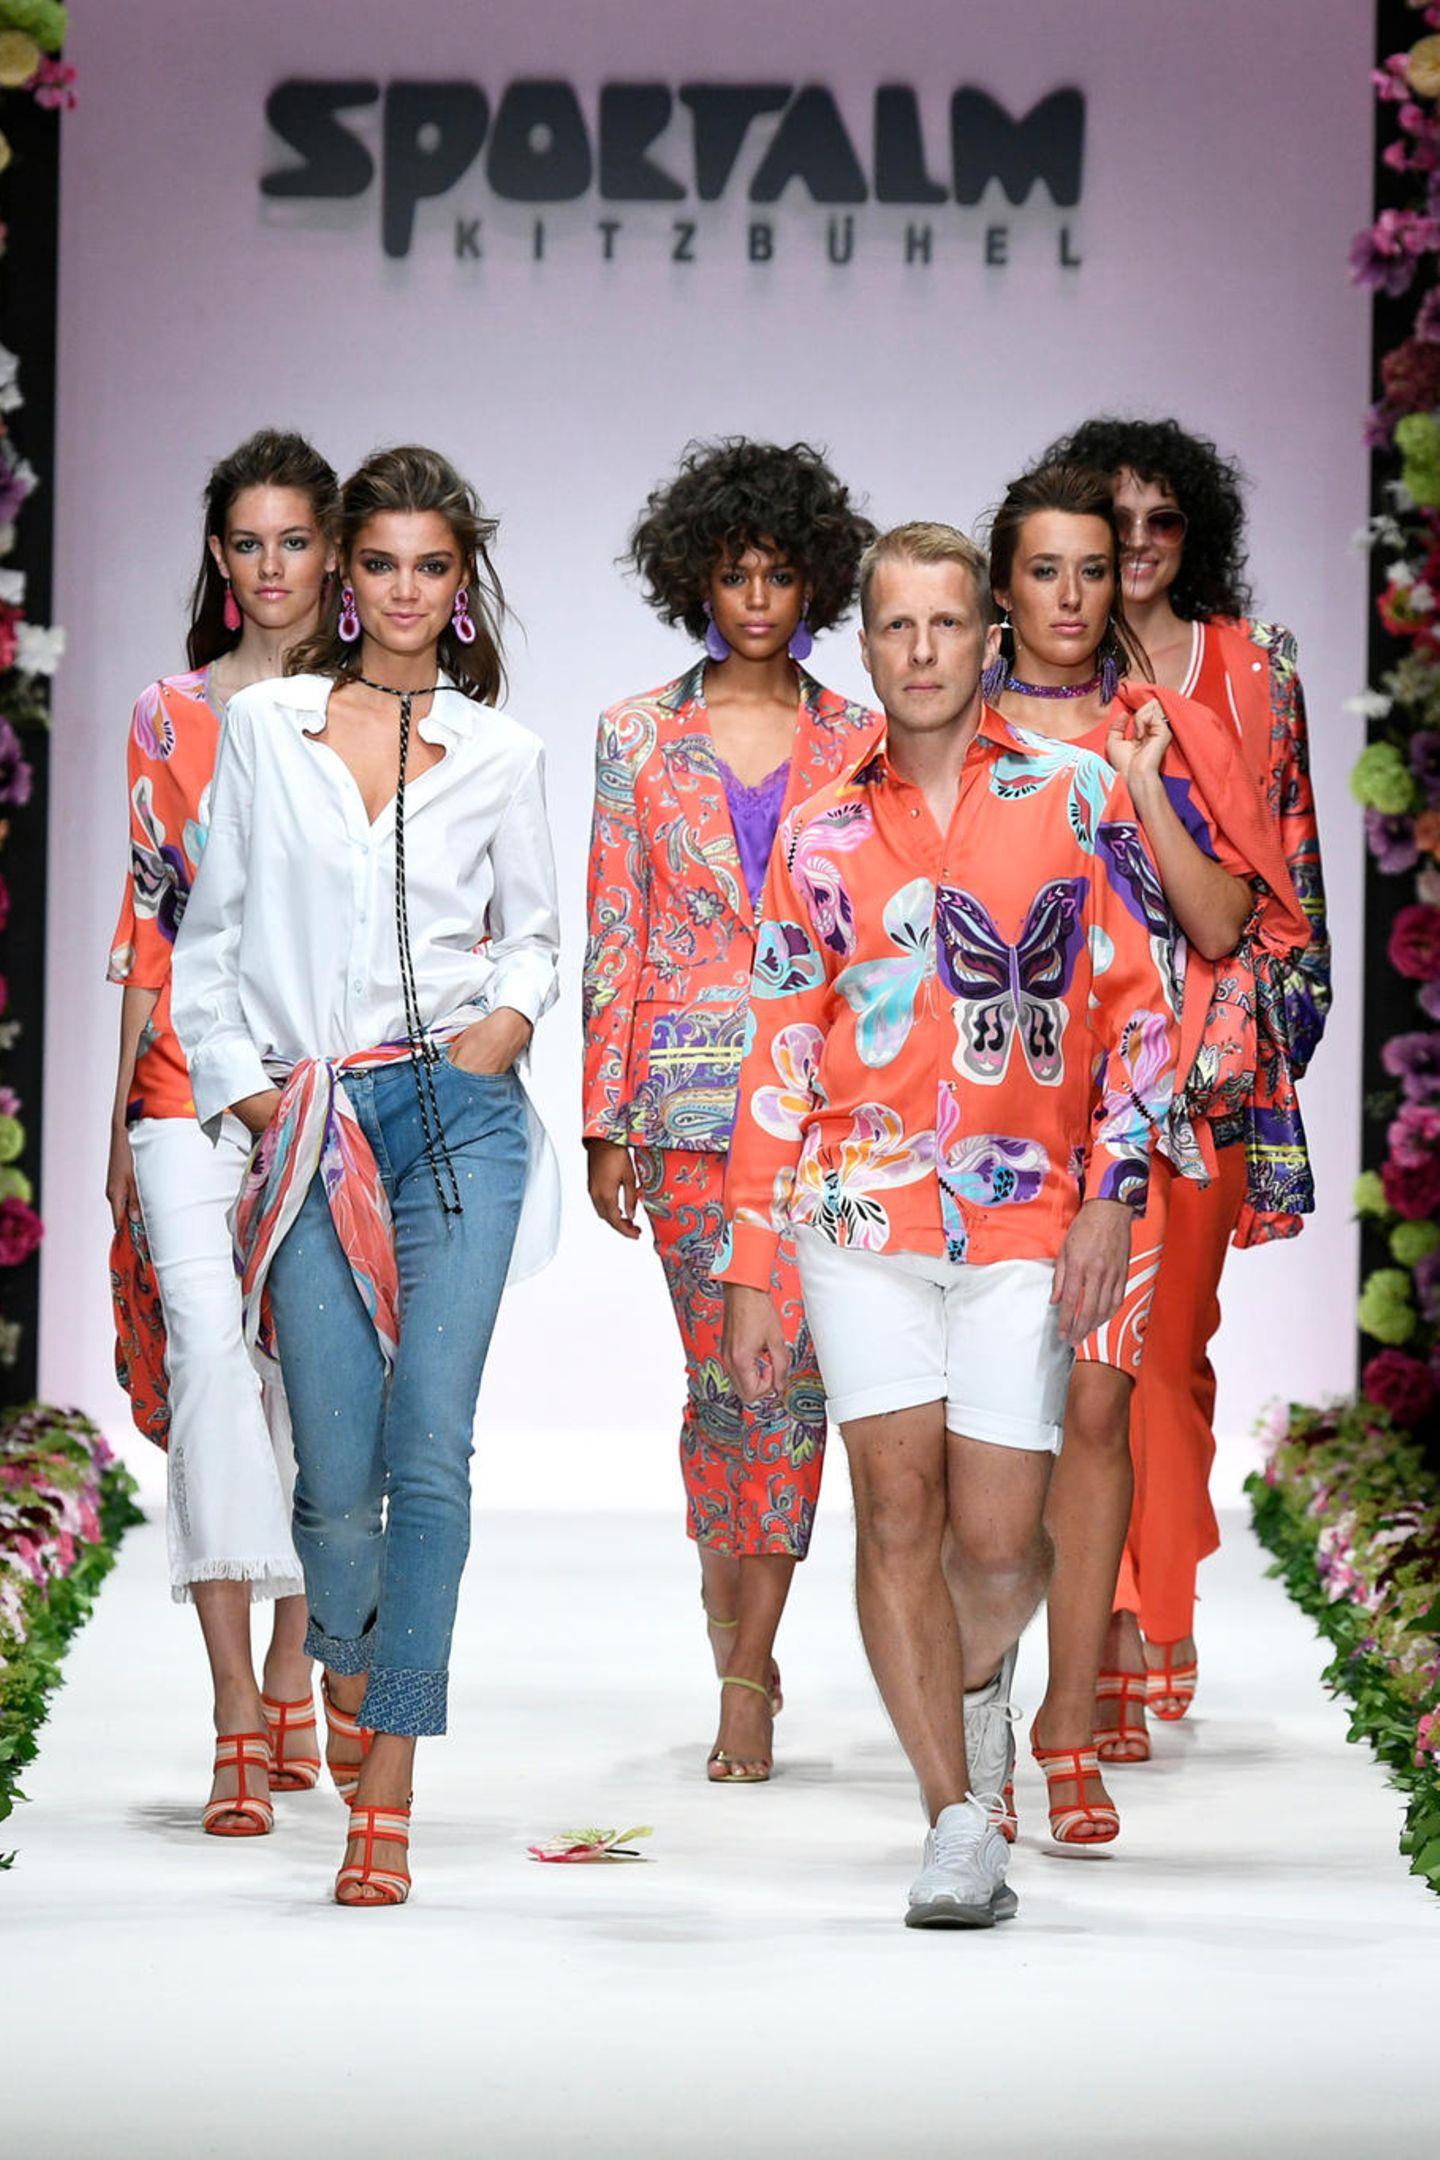 Überraschung auf dem Catwalk bei der Sportalm Show: Oliver Pocher mischt sich unter die Models.